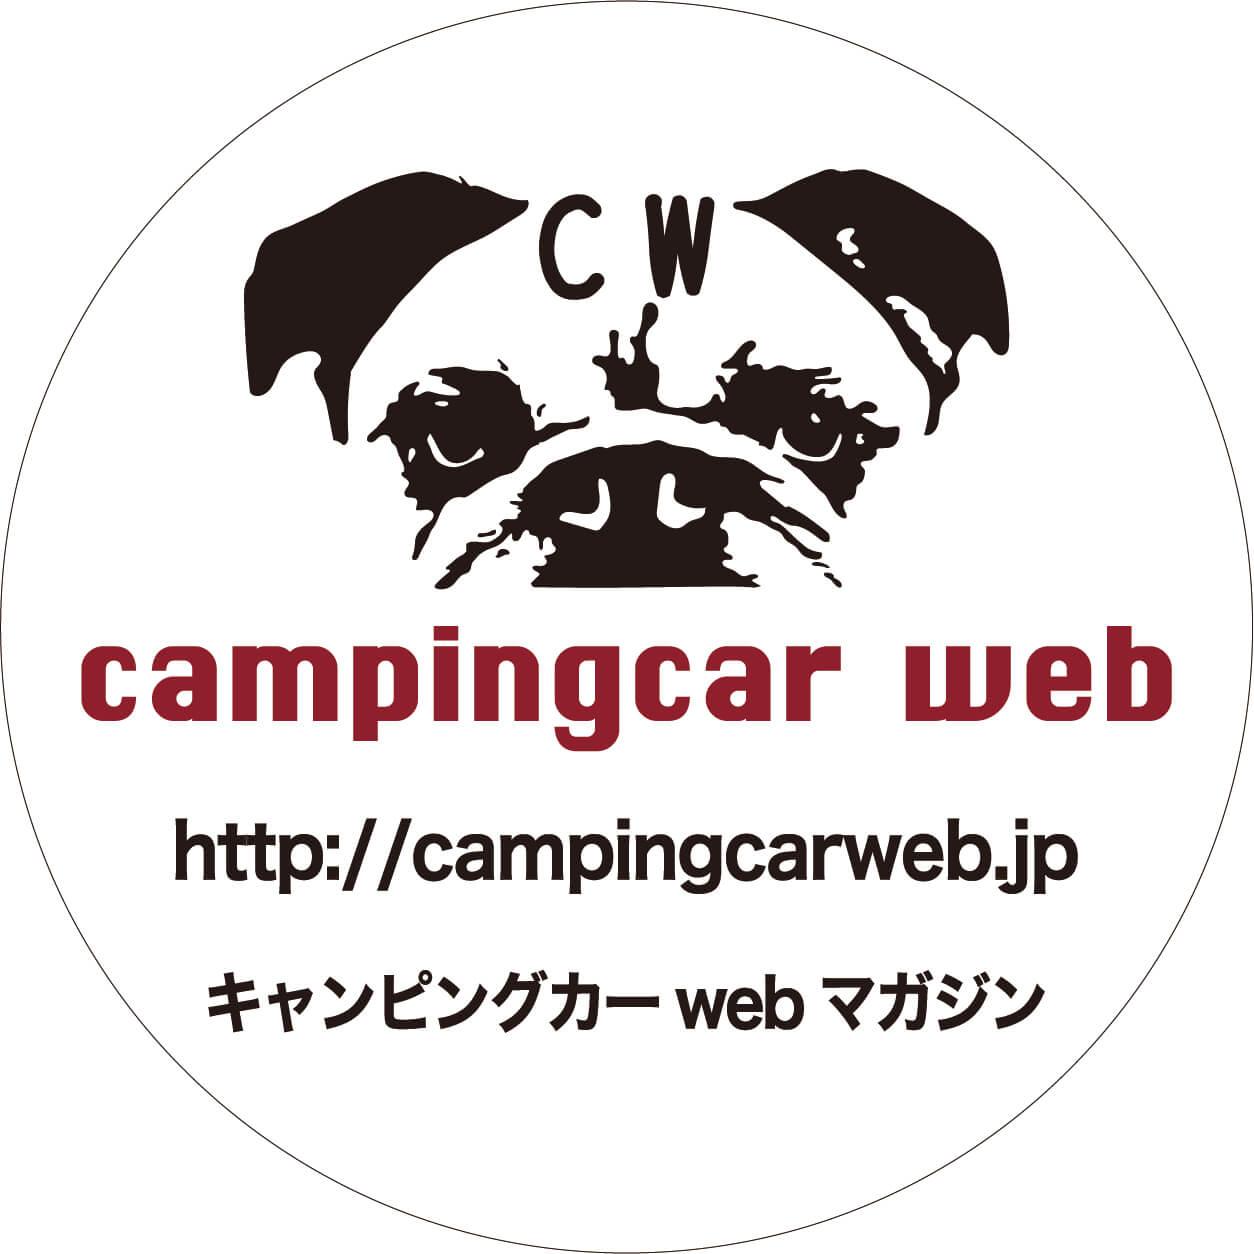 キャンピングカーウェブ